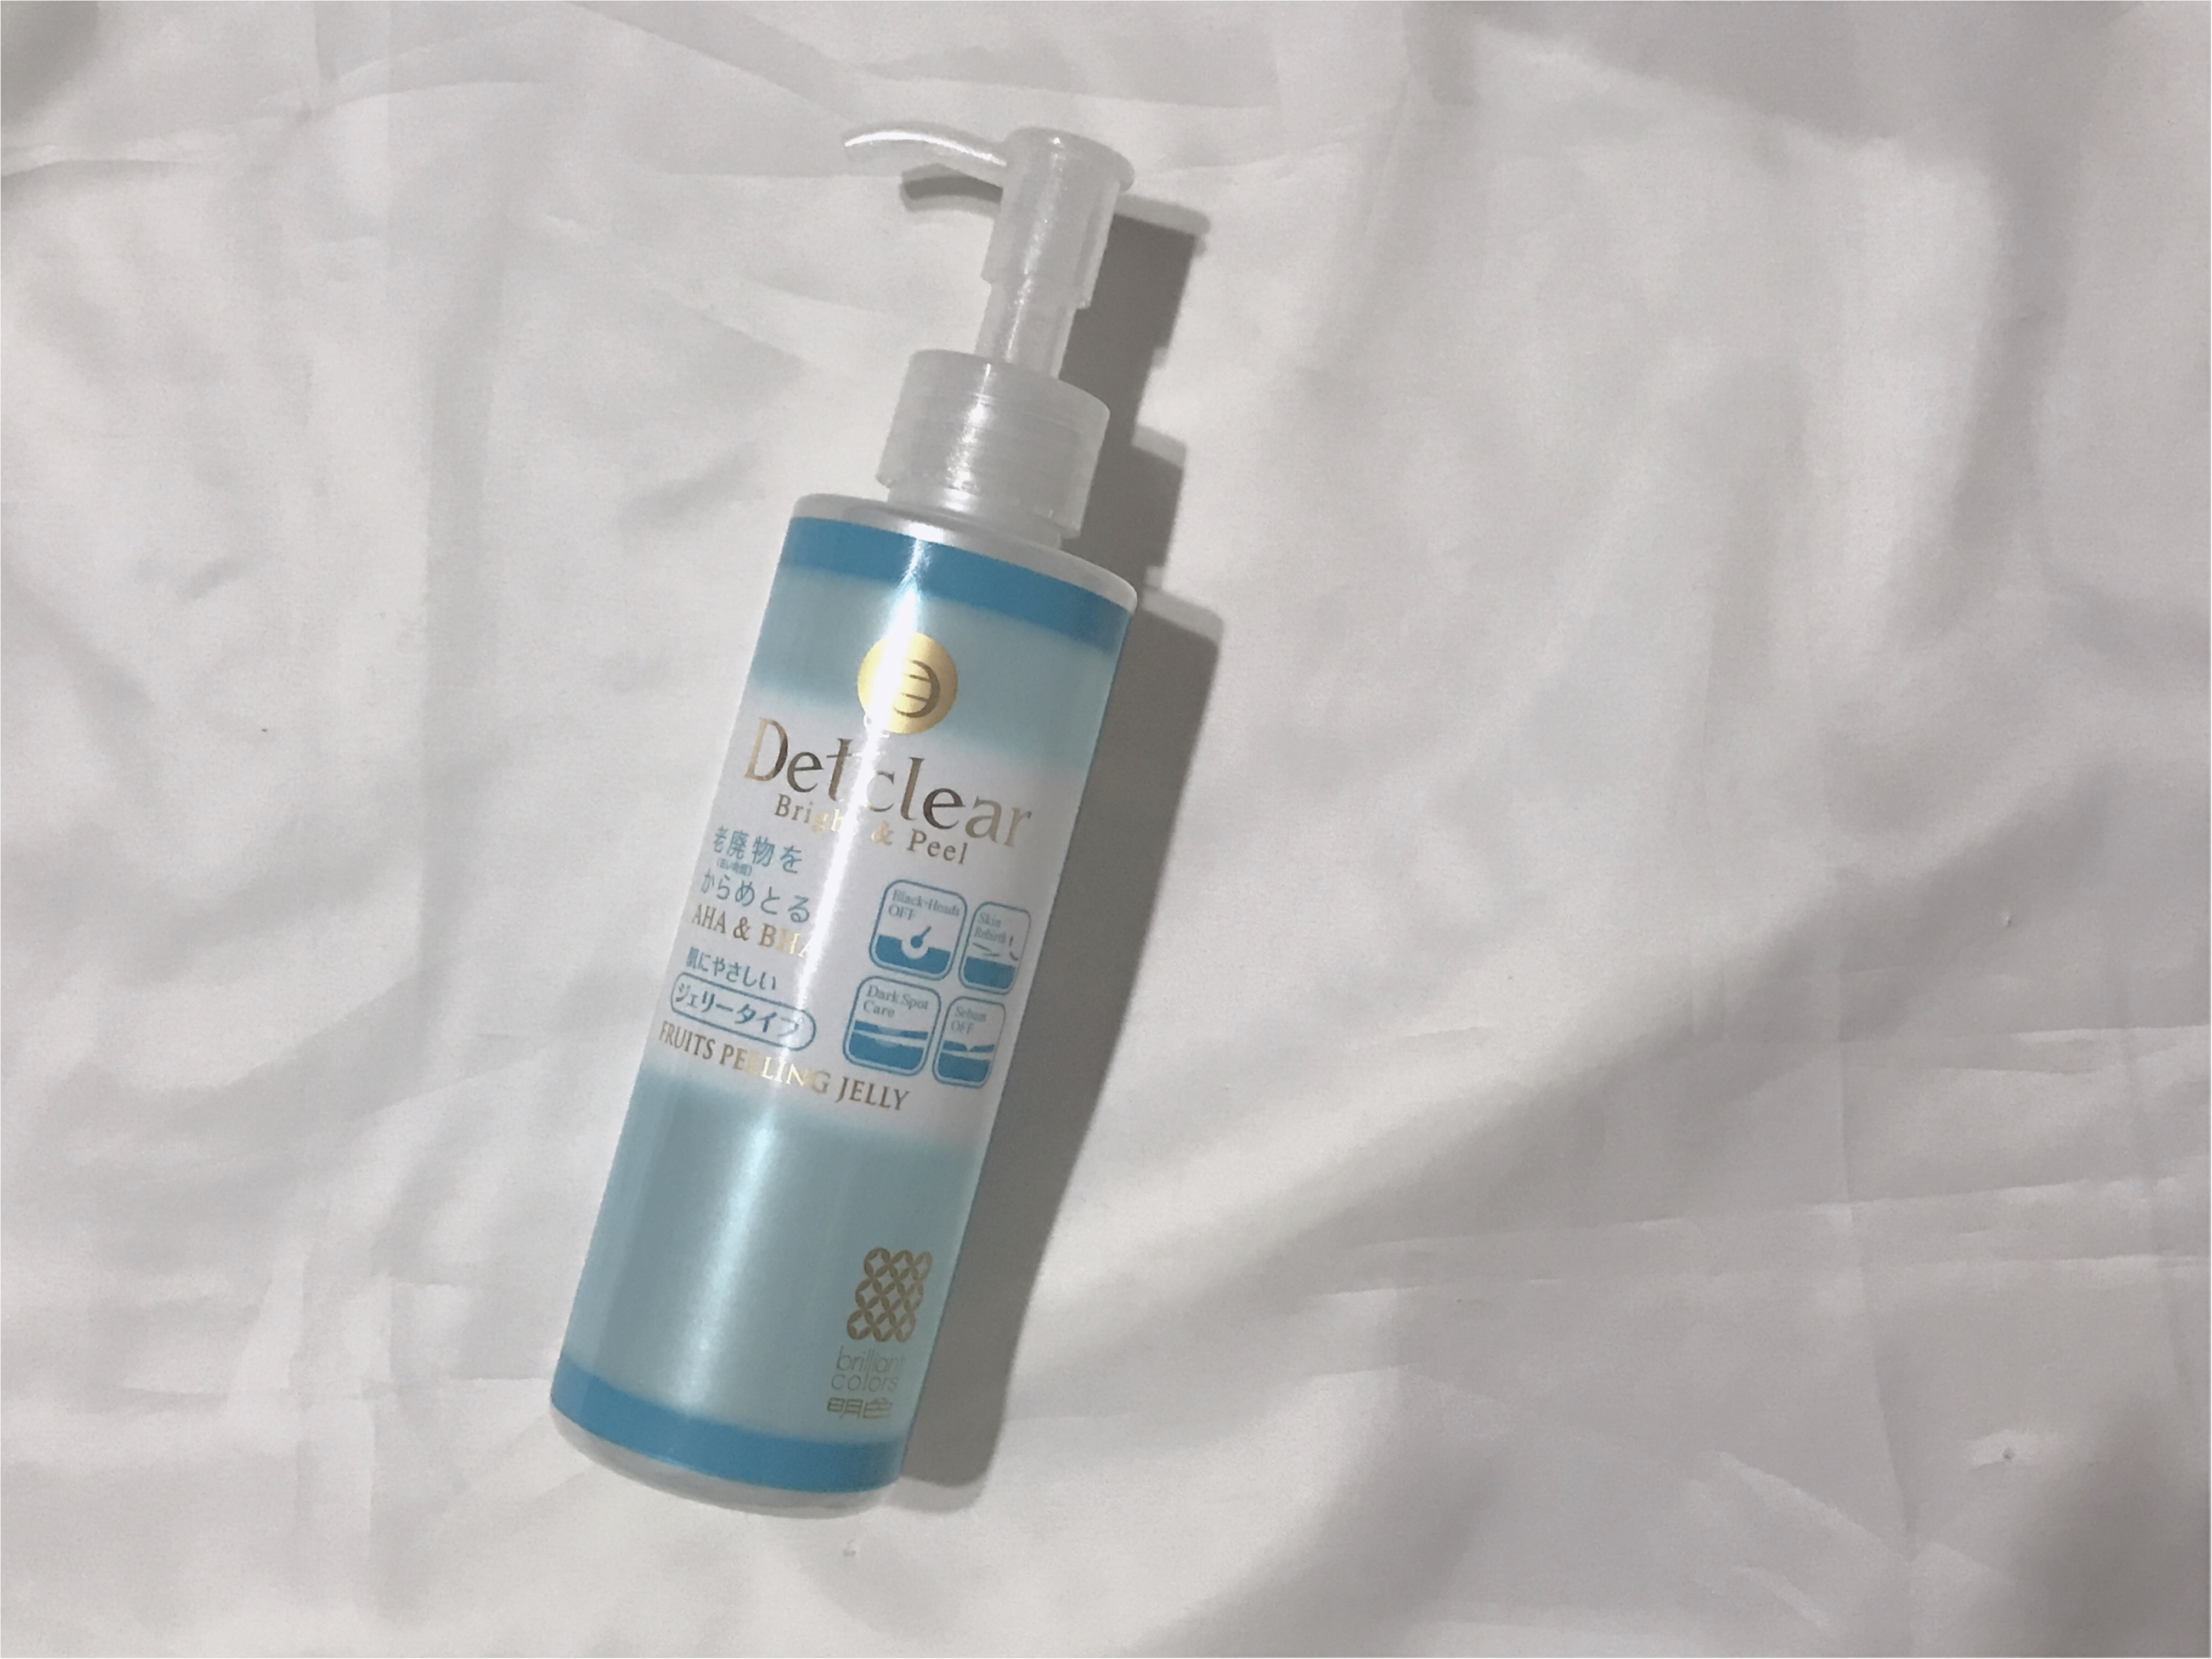 美白化粧品特集 - シミやくすみ対策・肌の透明感アップが期待できるコスメは? 記事Photo Gallery_1_32